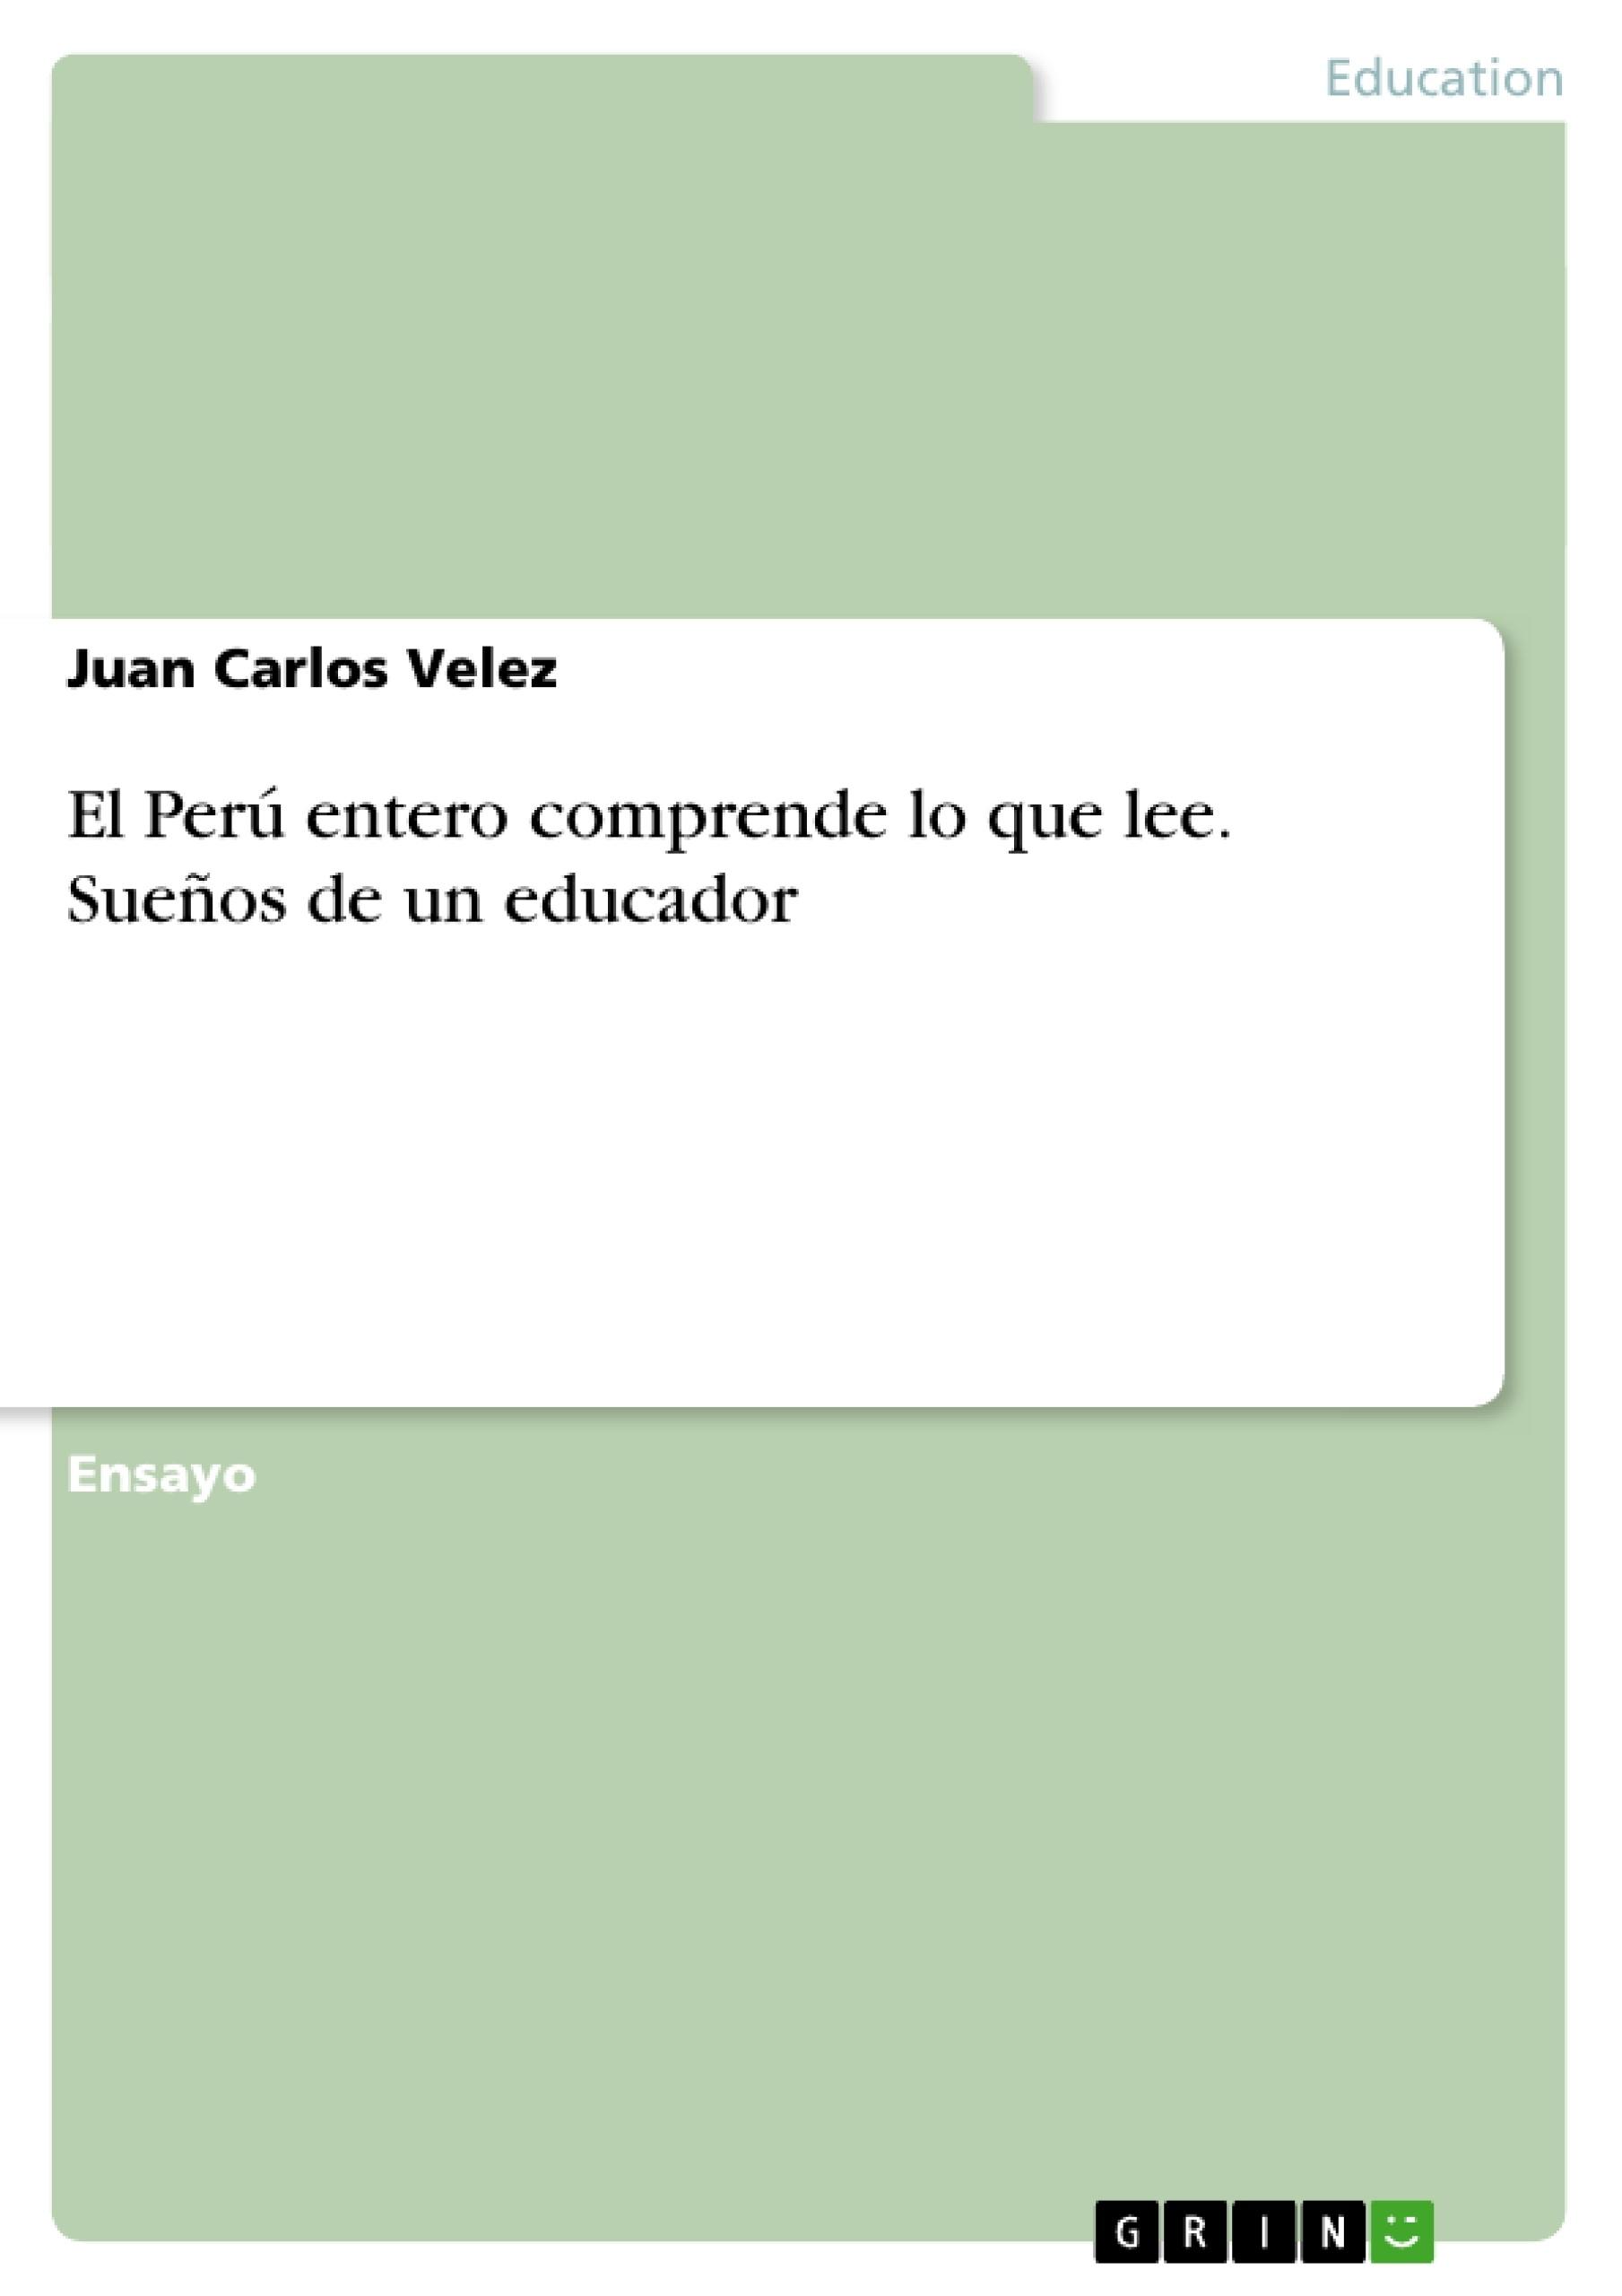 Título: El Perú entero comprende lo que lee. Sueños de un educador